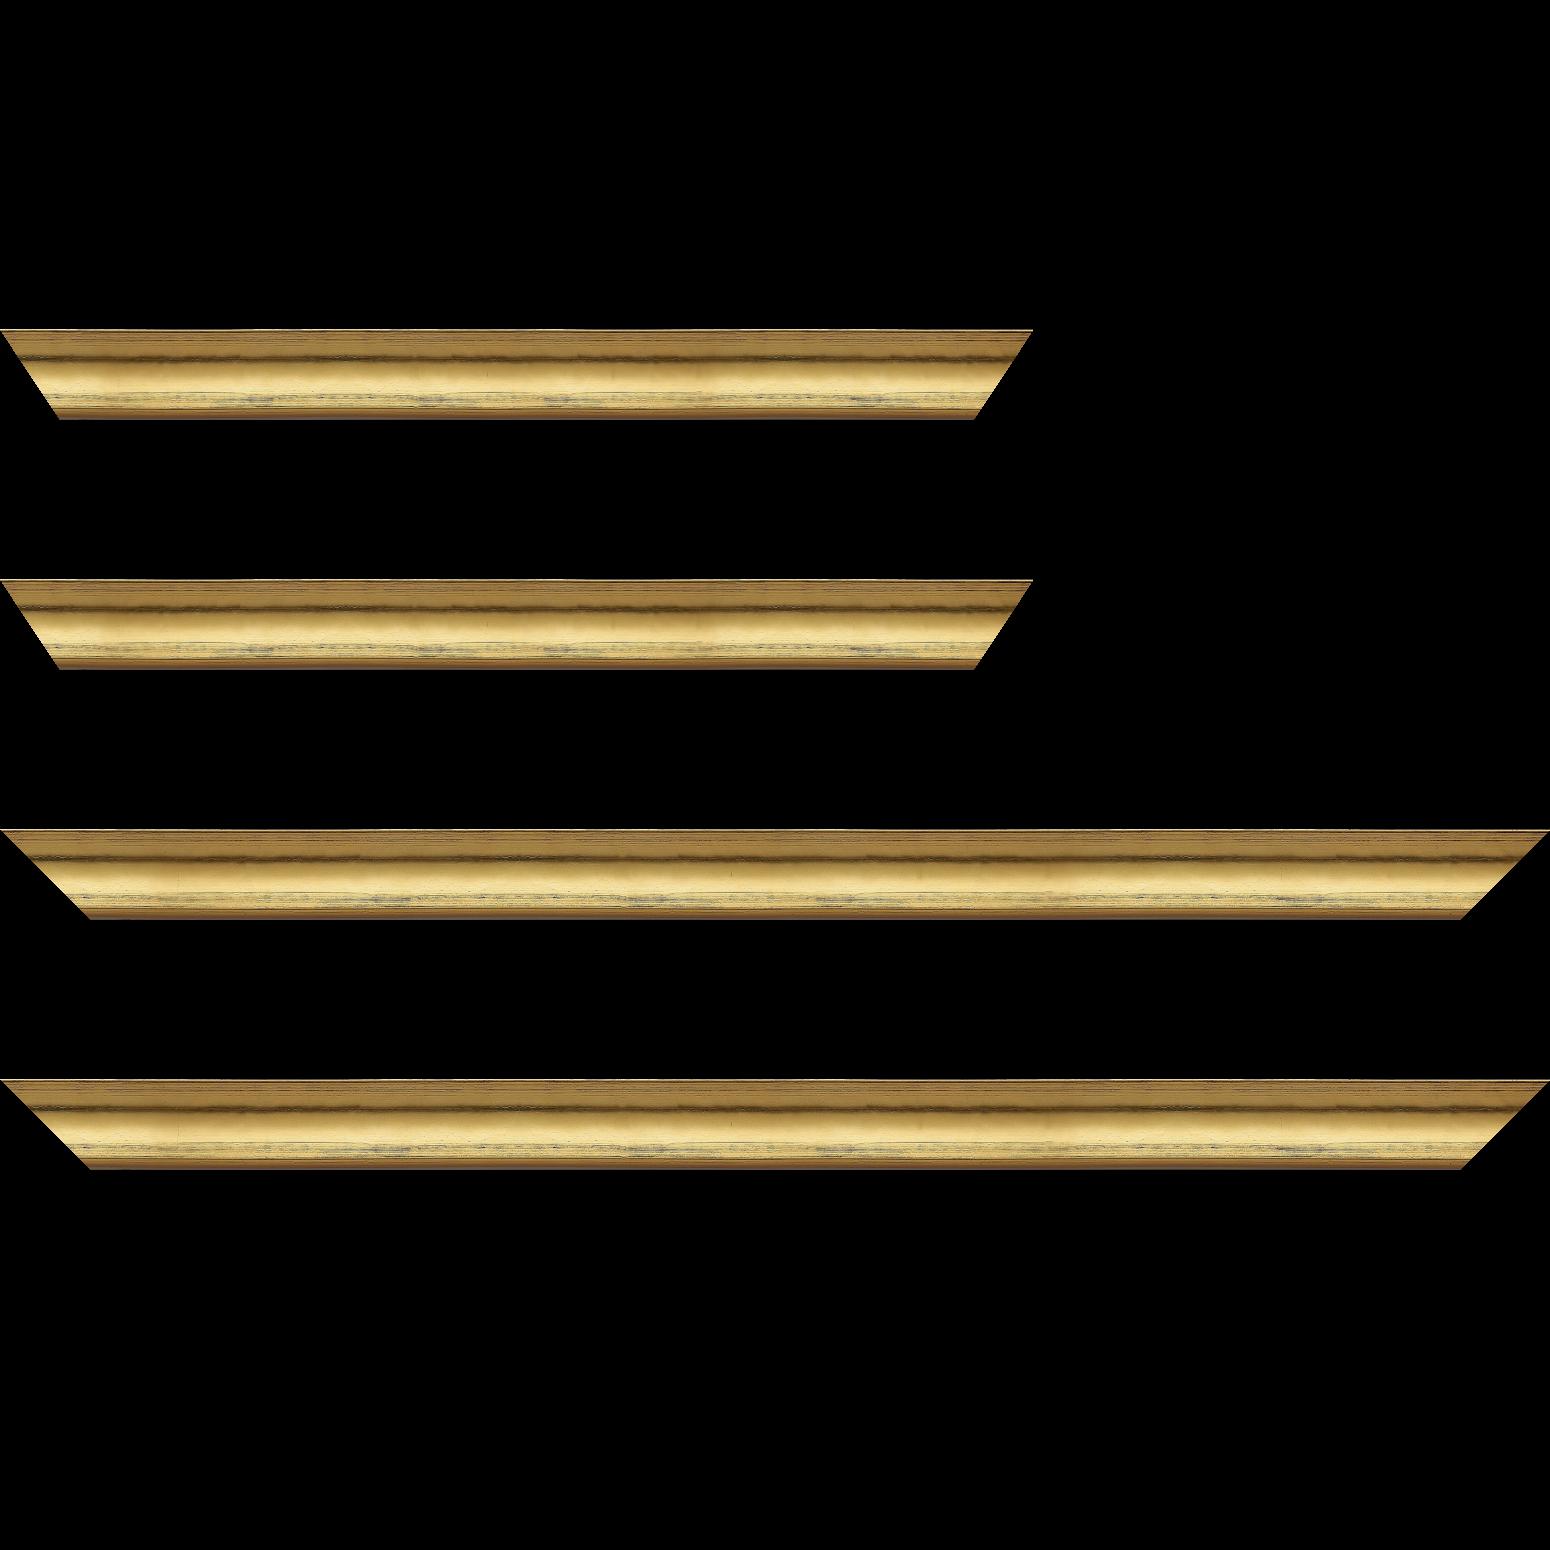 Baguette service précoupé Bois profil concave largeur 3cm couleur or coté extérieur foncé. finition haut de gamme car dorure à l'eau fait main